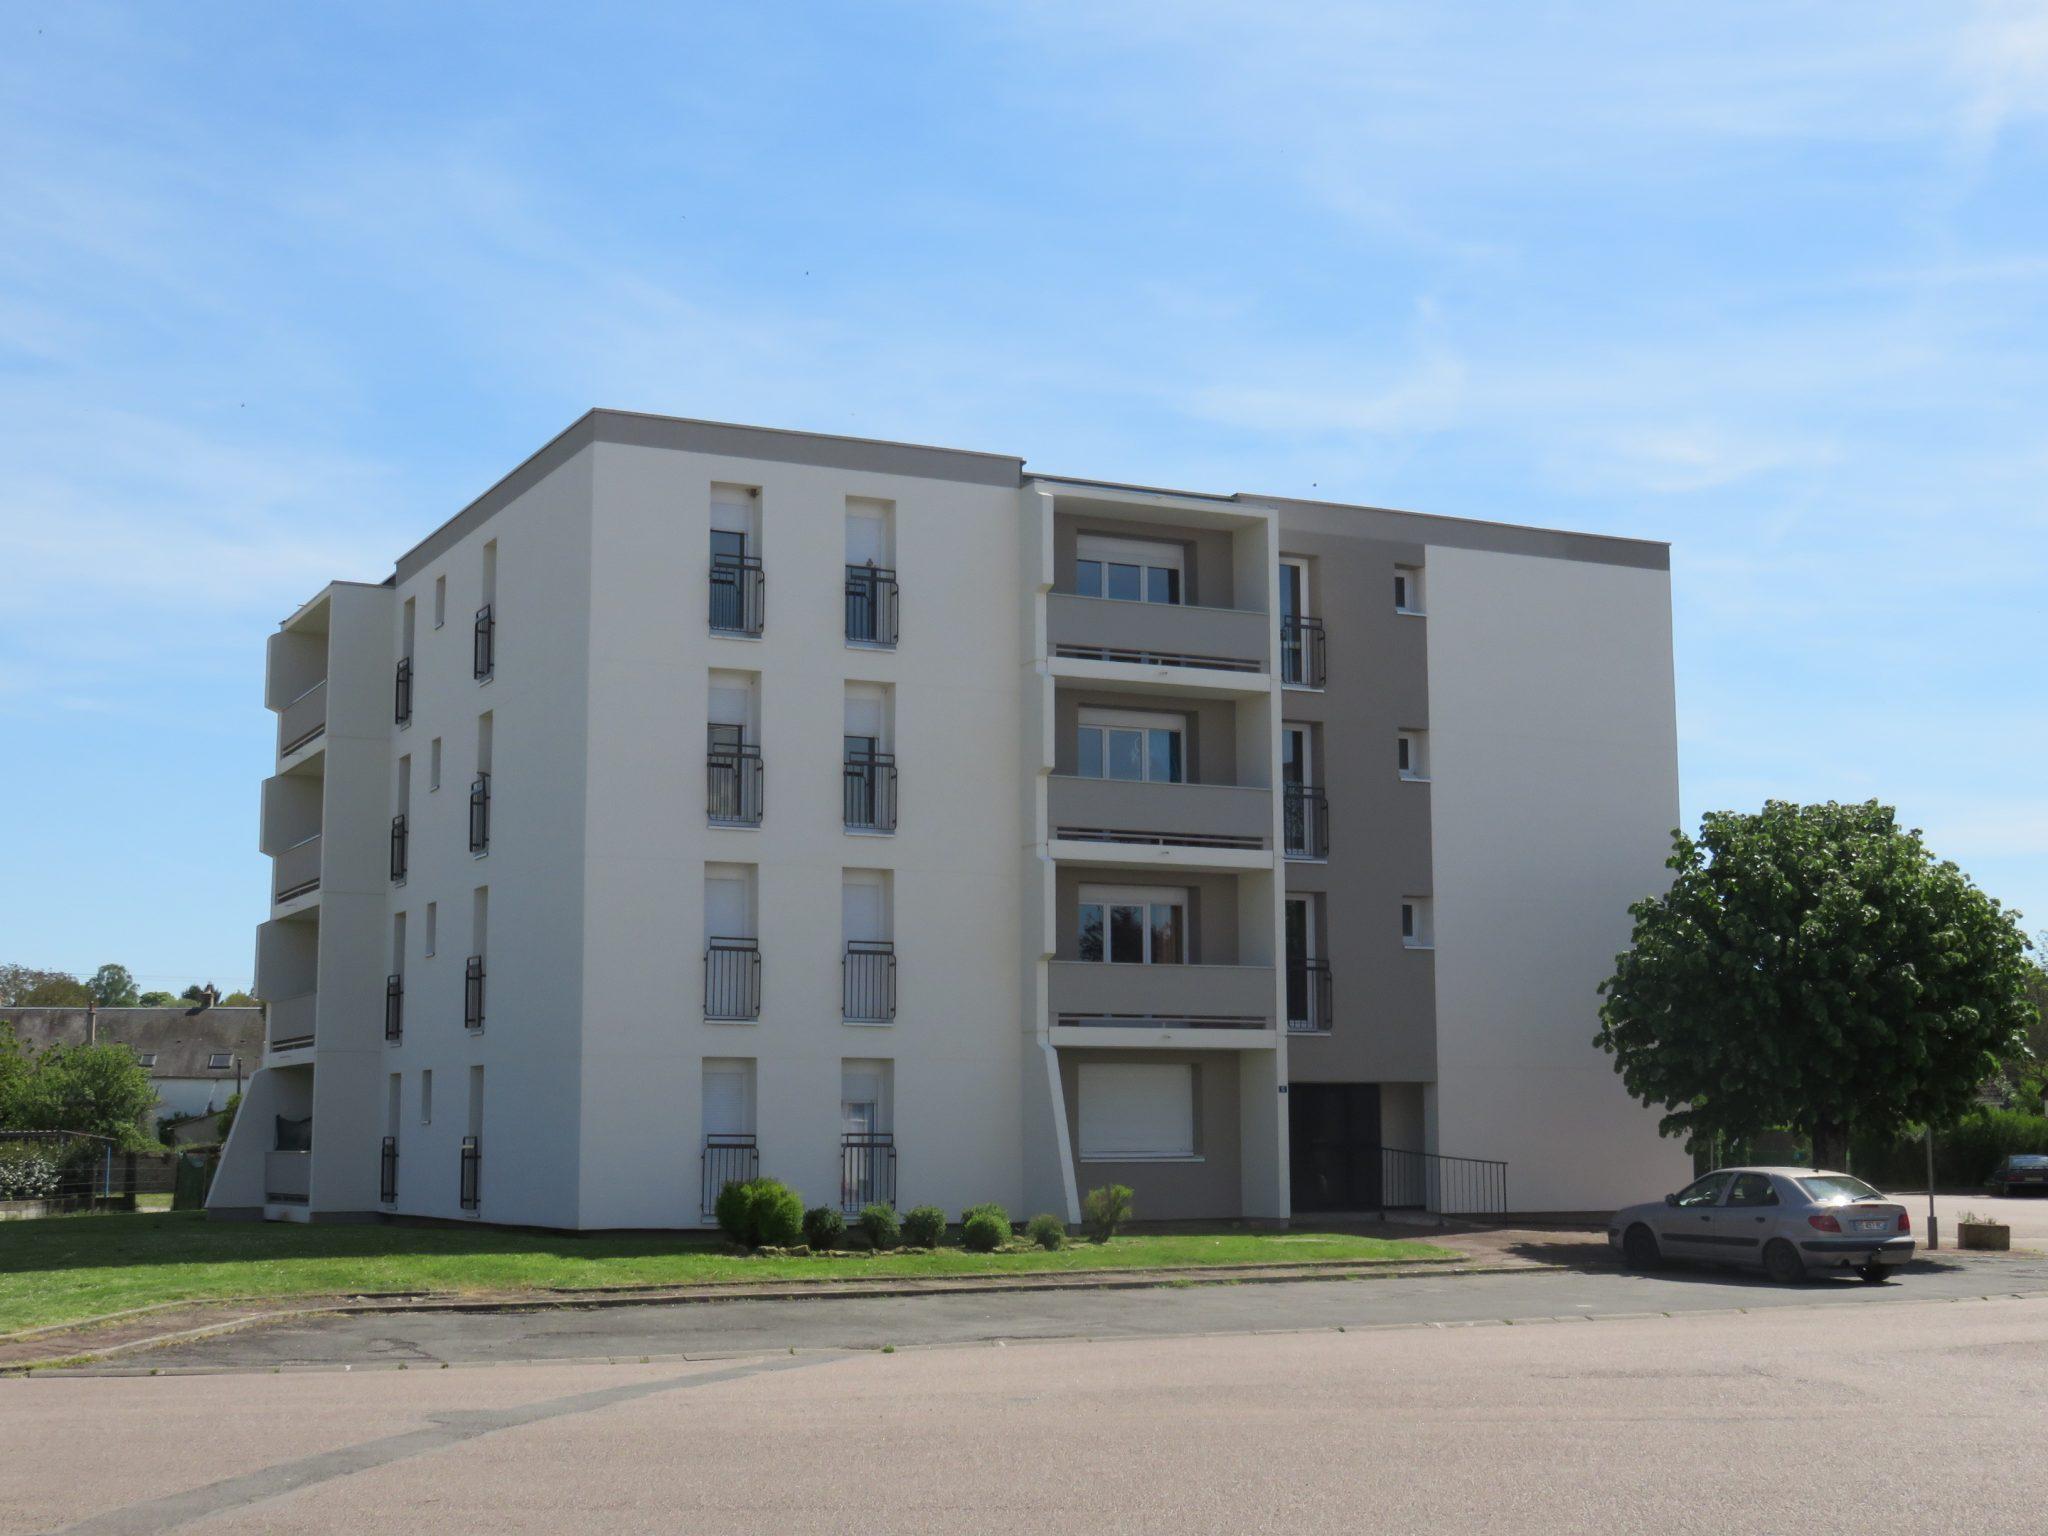 RUE DES CLAIRS LOGIS- Cercy- la- Tour- 58340, ,Appartement,patrimoine,RUE DES CLAIRS LOGIS,1752